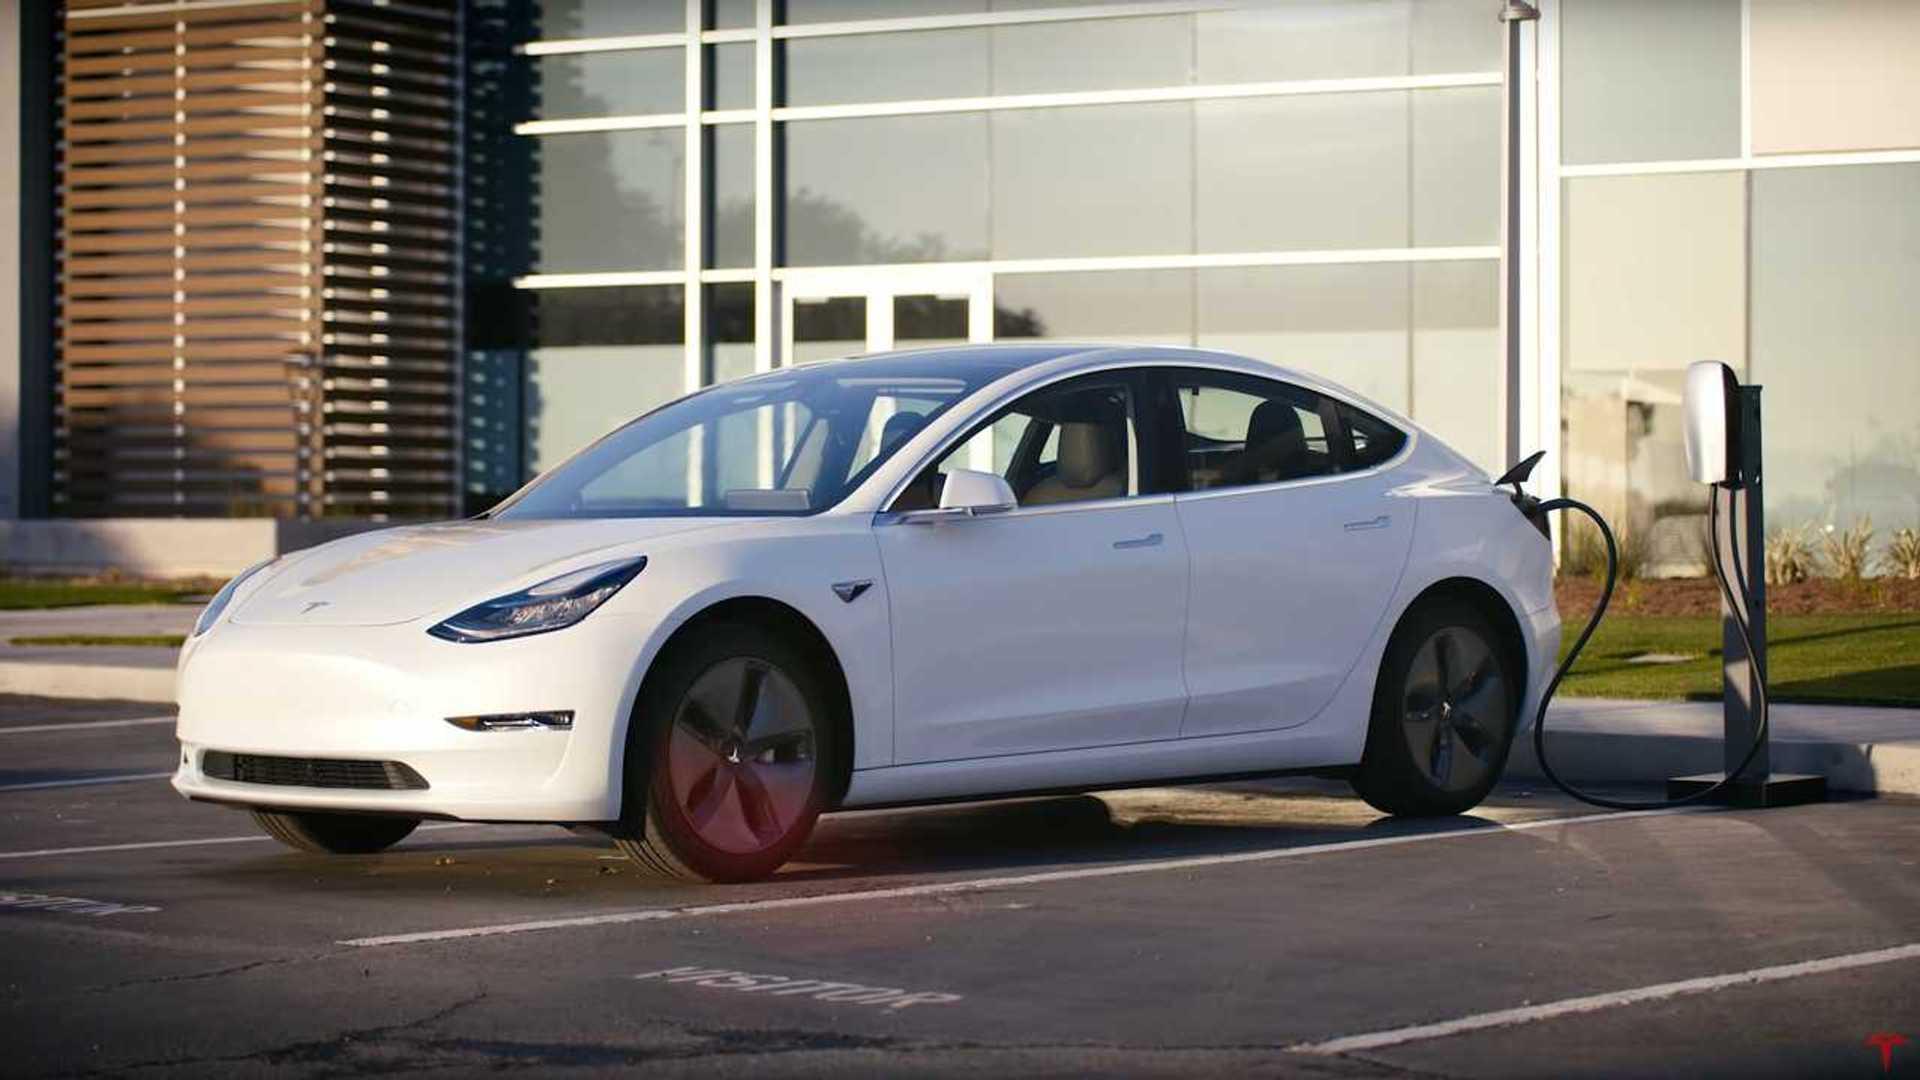 In December, Tesla Delivered 12,000 Model 3 In The Netherlands